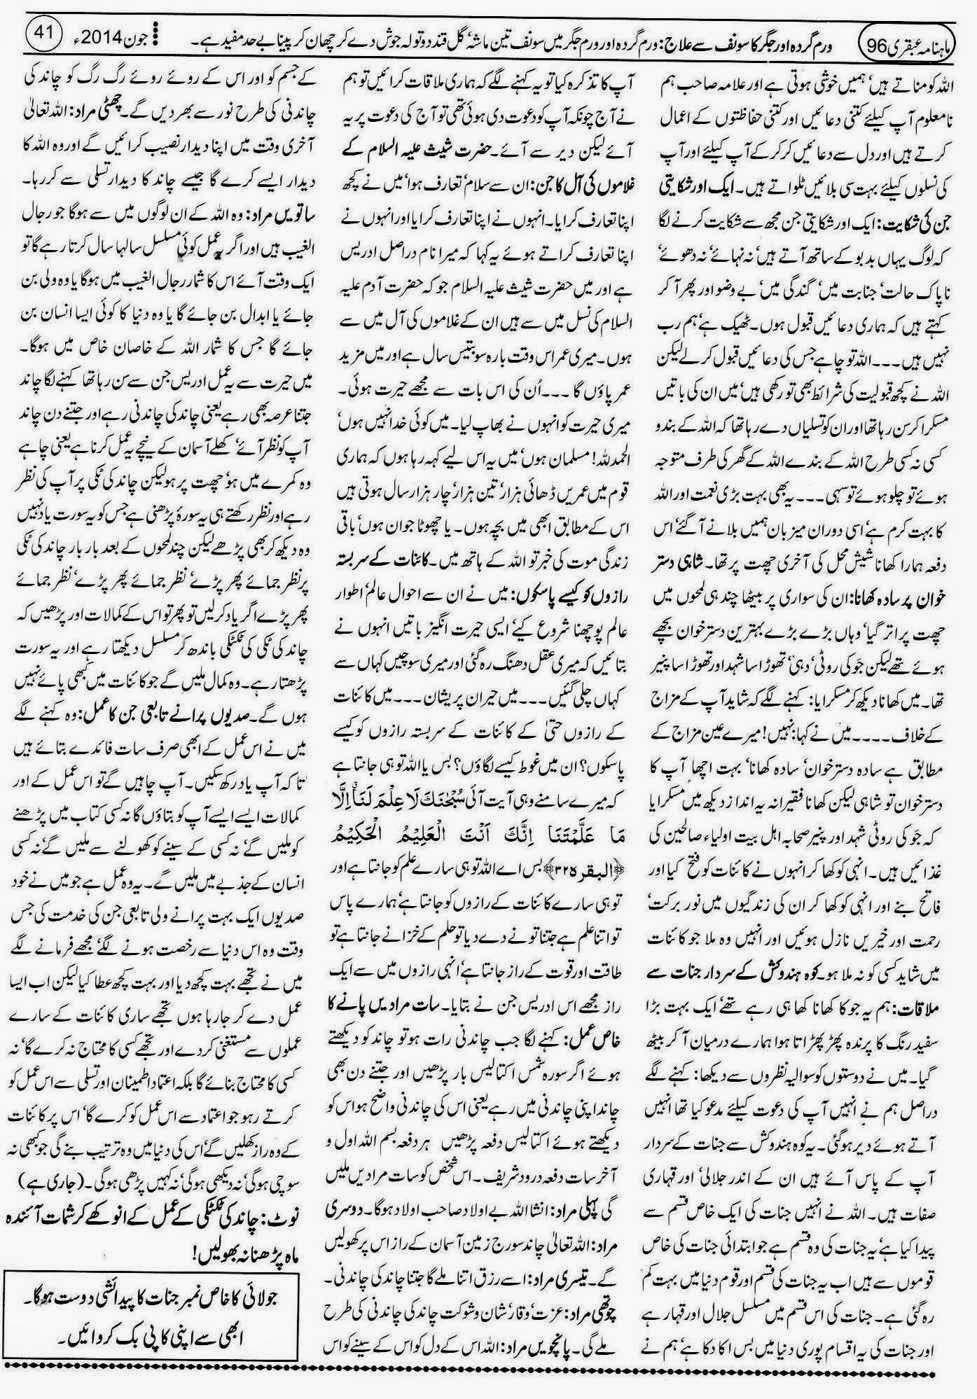 ubqari june 2014 page 41